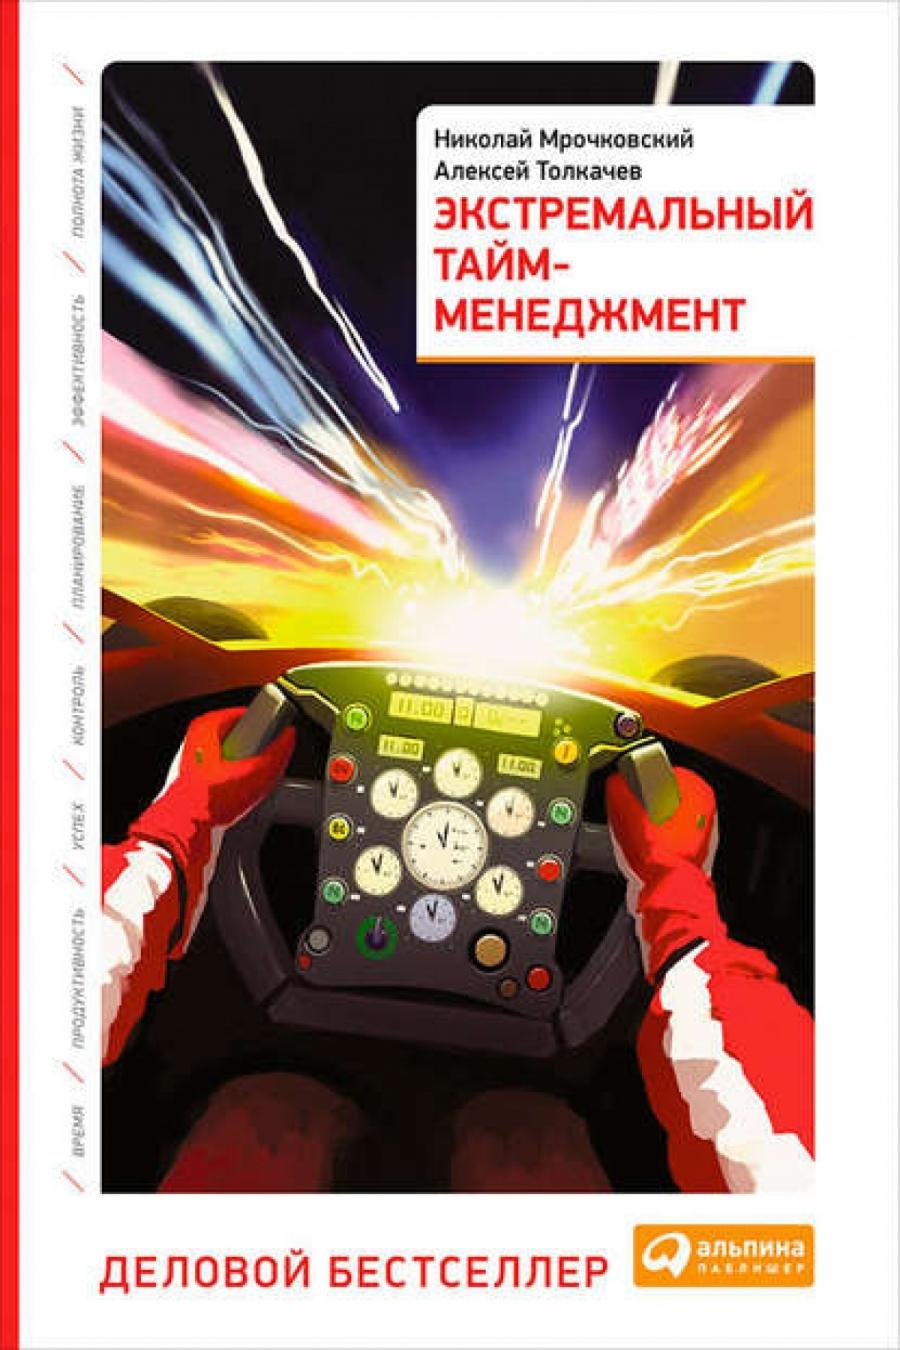 Николай Мрочковский, Алексей Толкачев - Экстремальный тайм-менеджмент